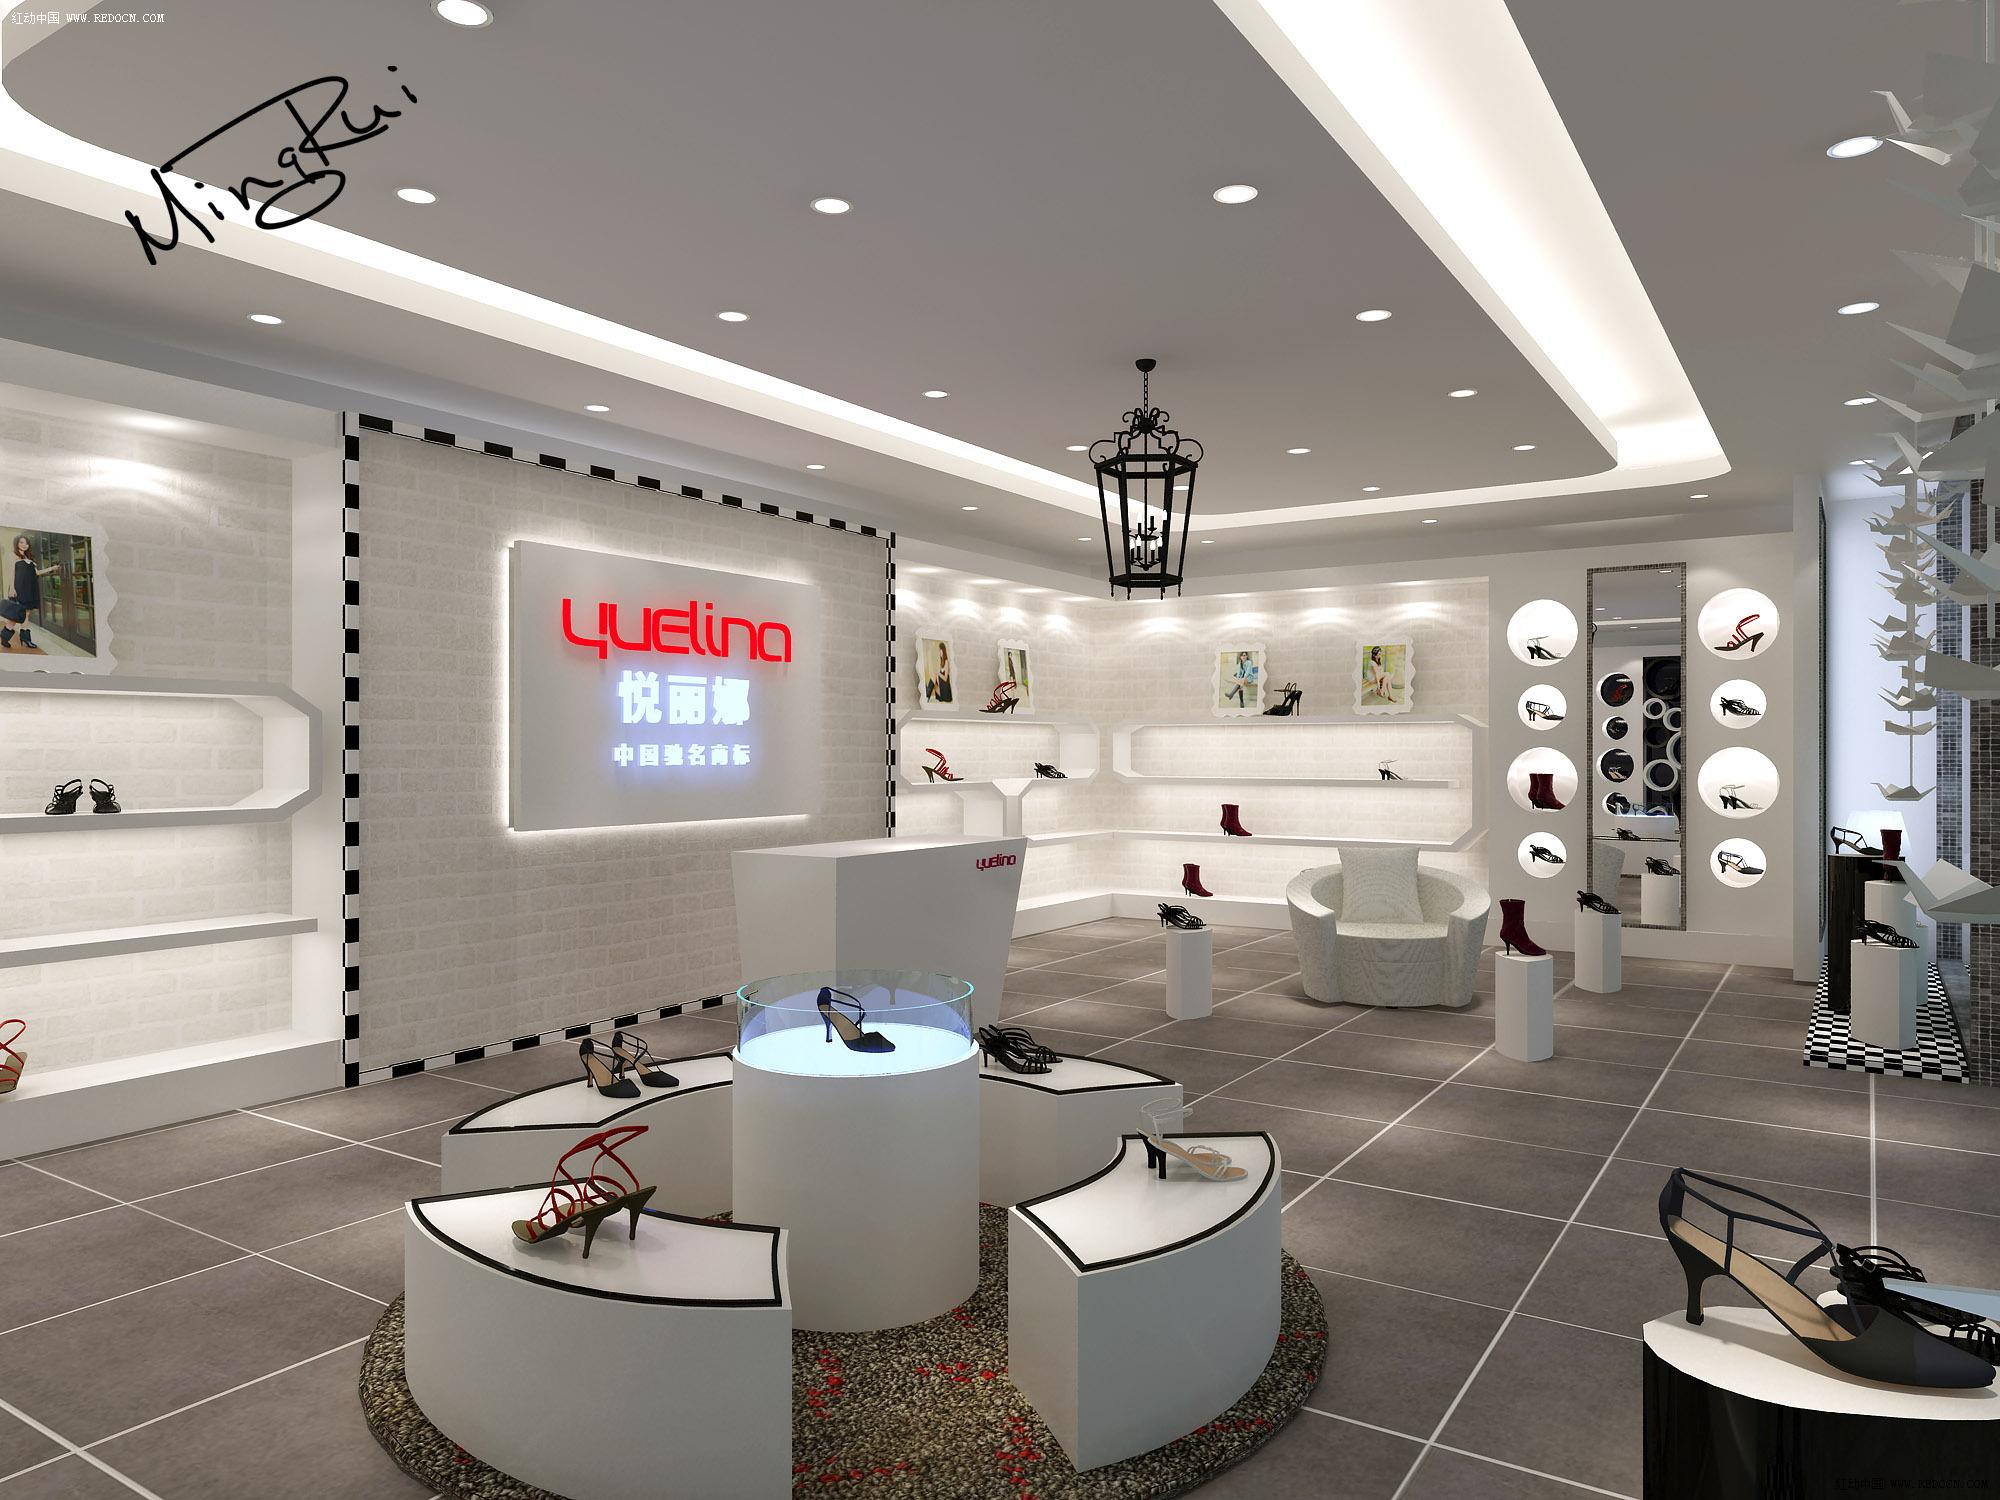 承接专卖店,展柜,家装效果图及设计!_卖场|展厅|陈列